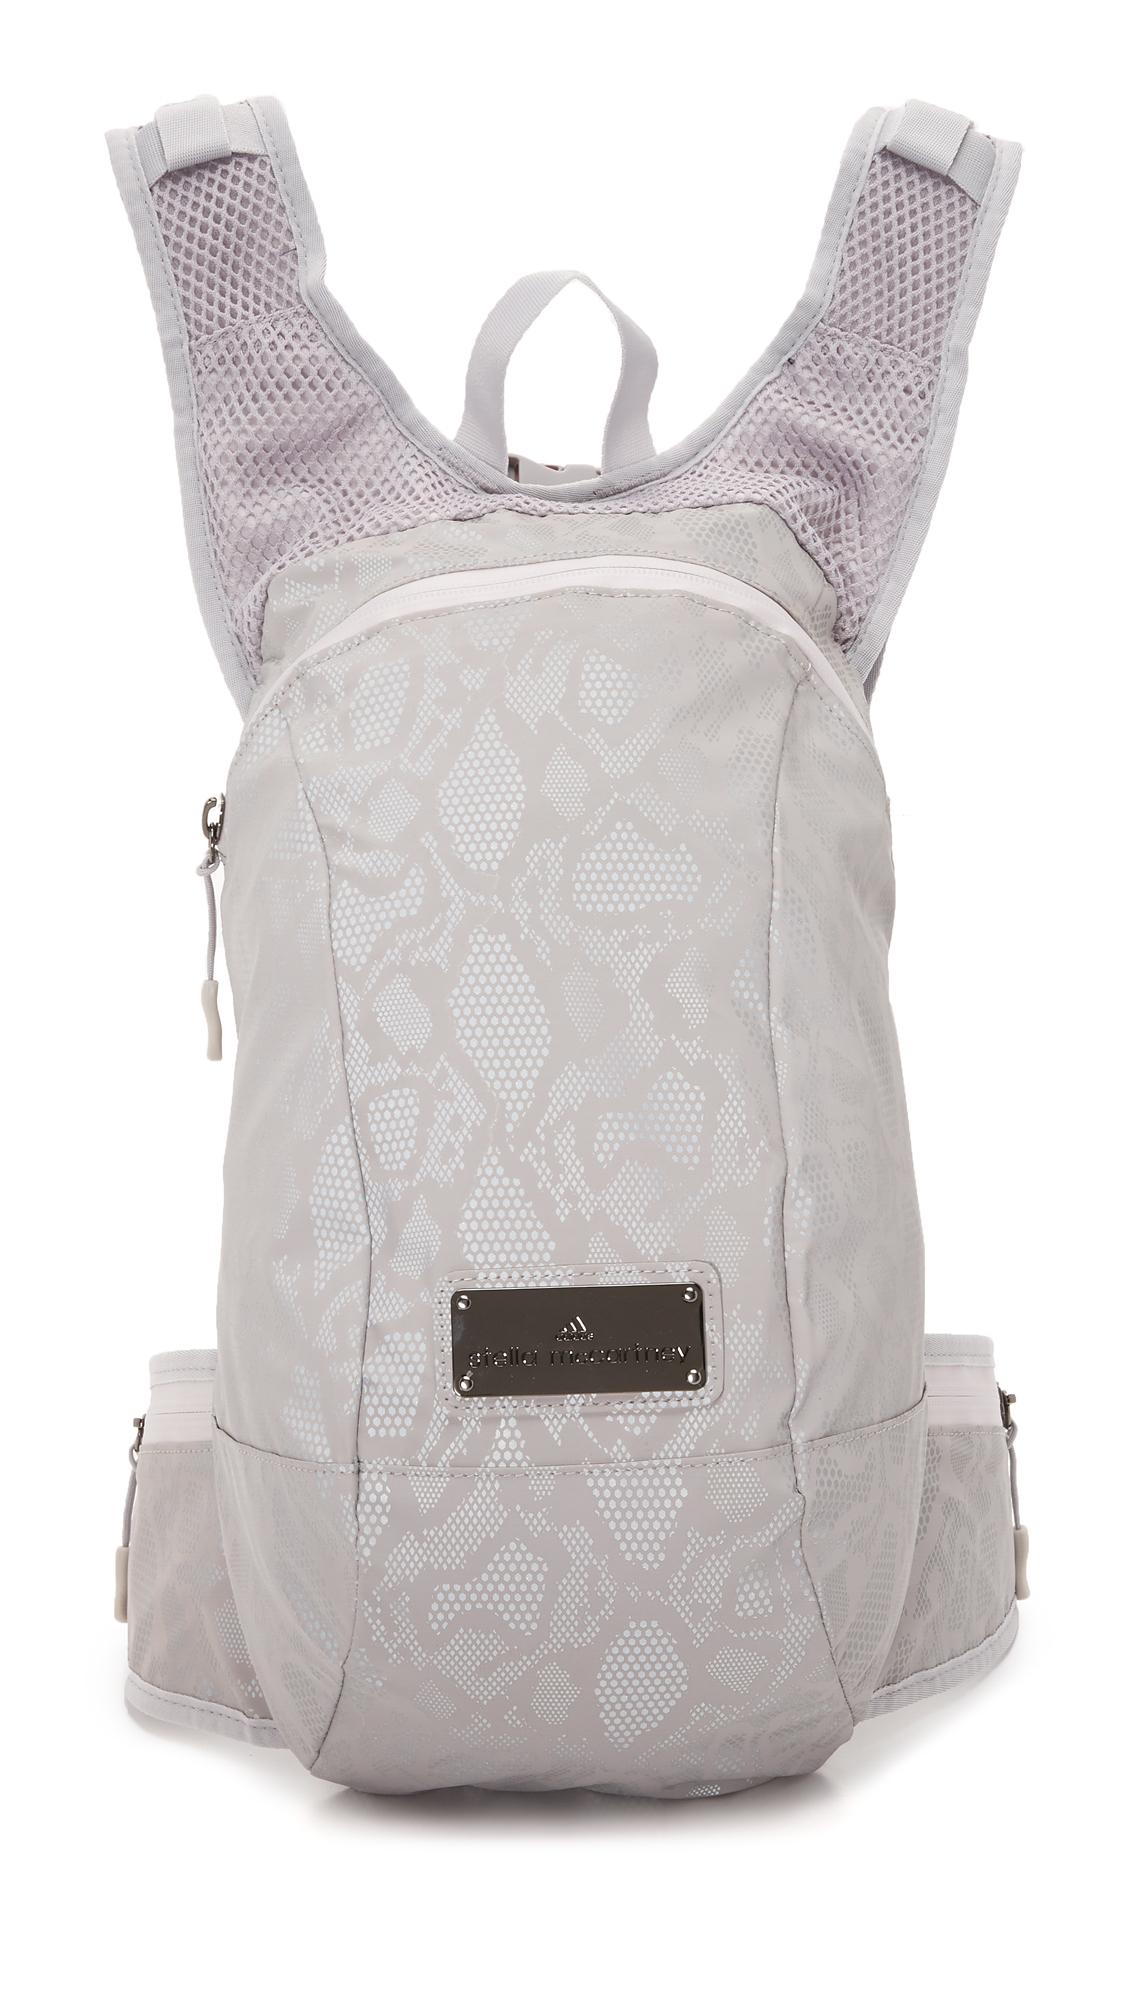 Lyst - adidas By Stella McCartney R Backpack in Metallic 09ddf0ec03